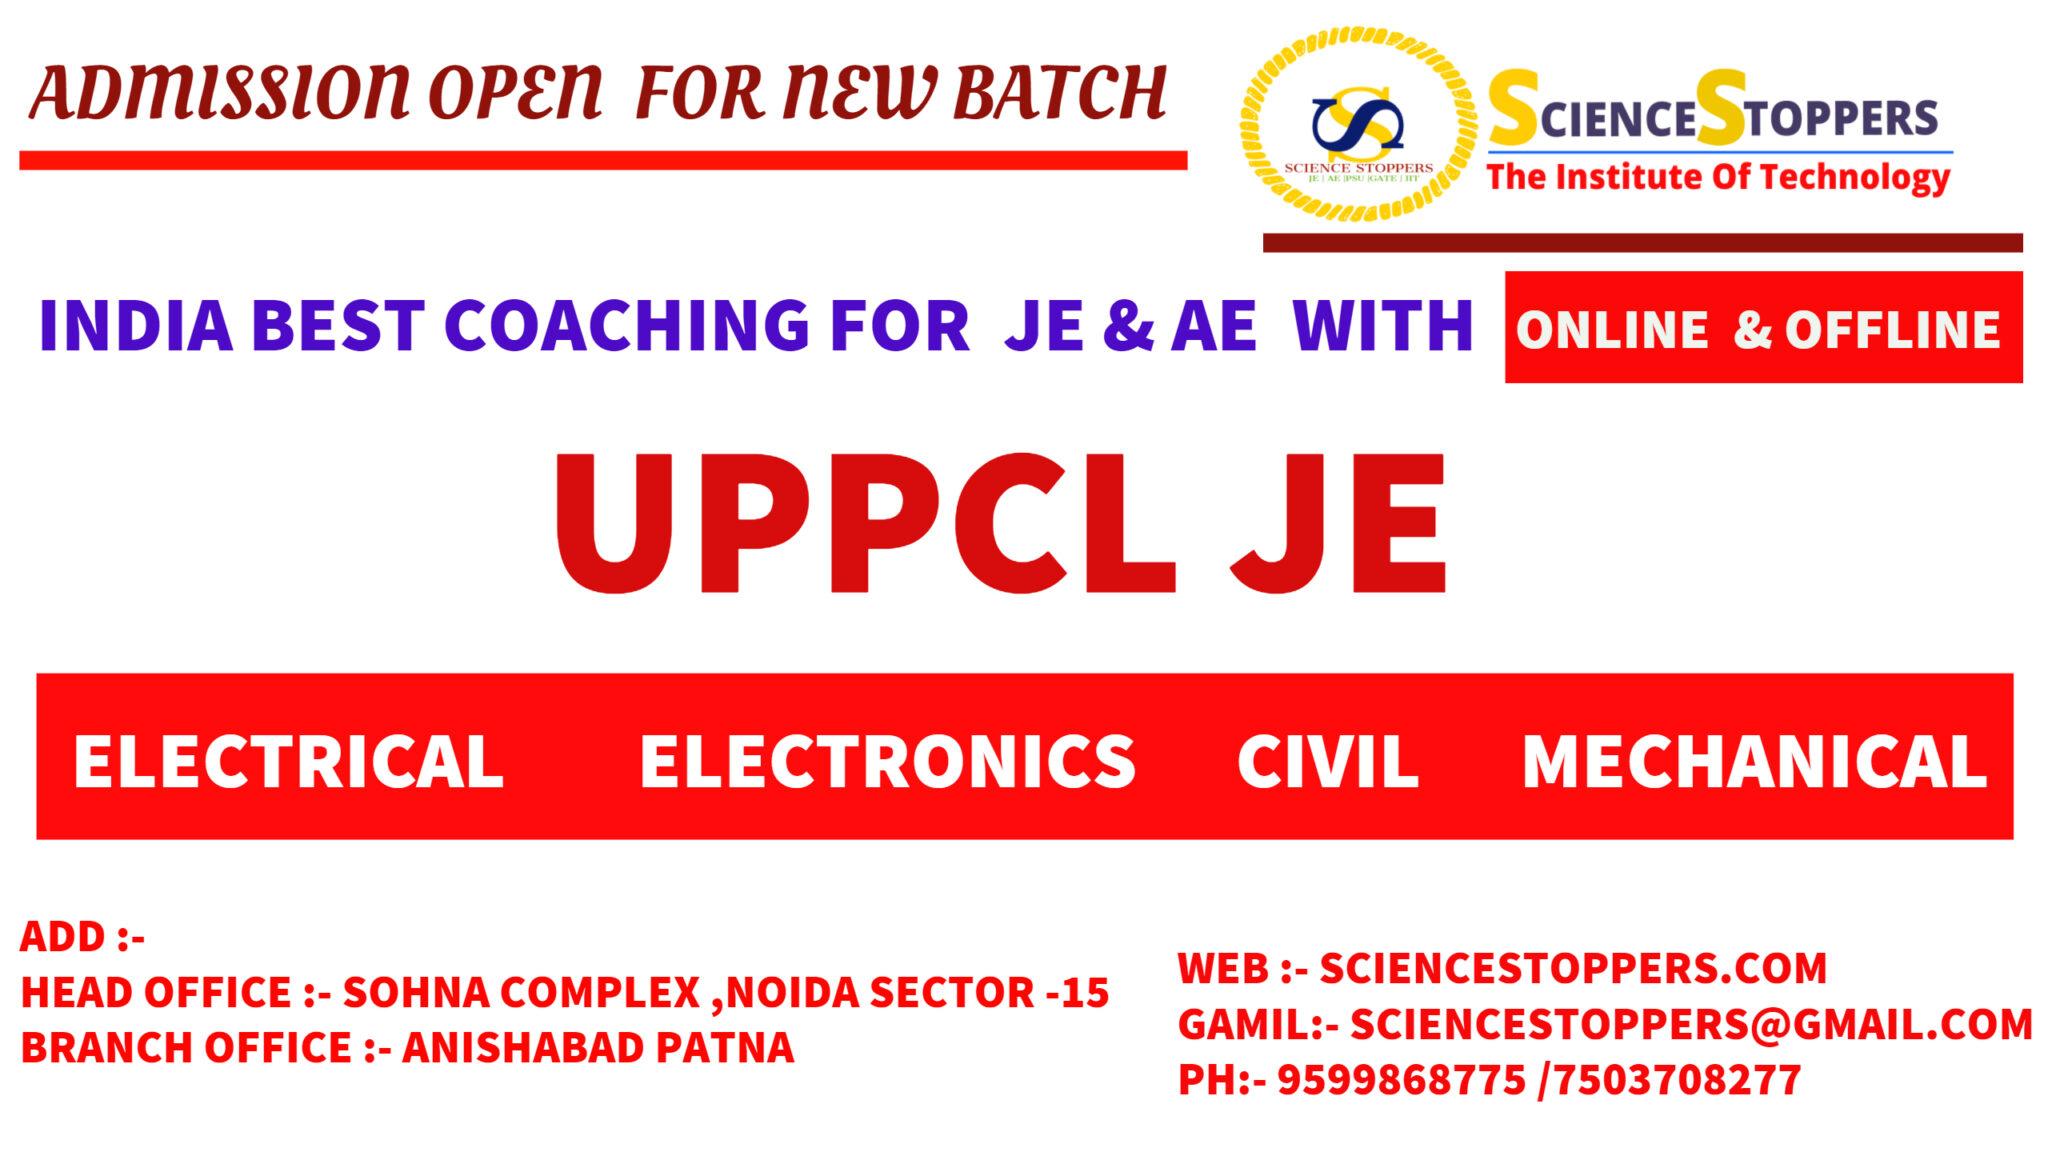 UPPCL JE NEW